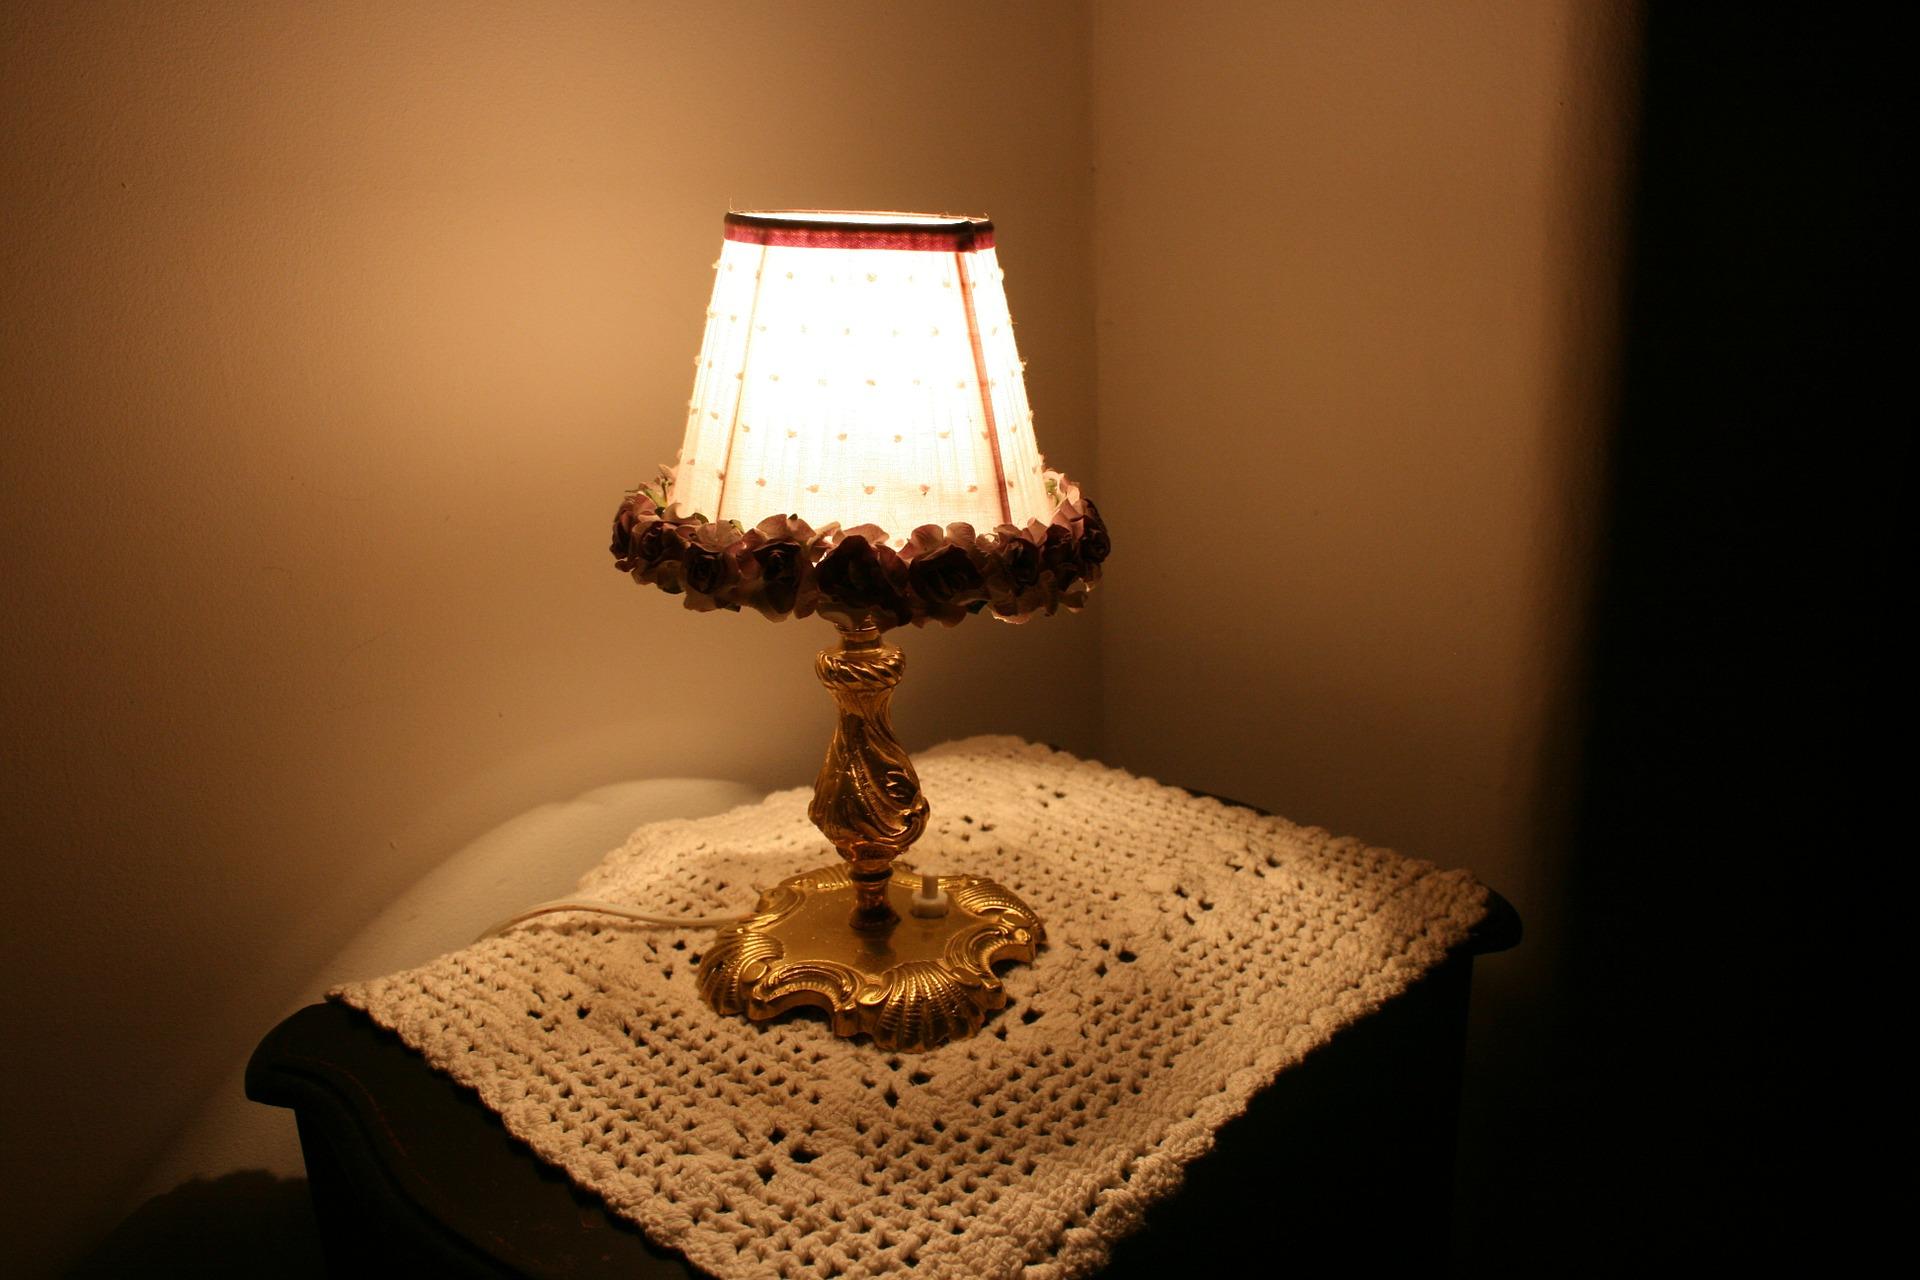 bedside-lamp-252000_1920